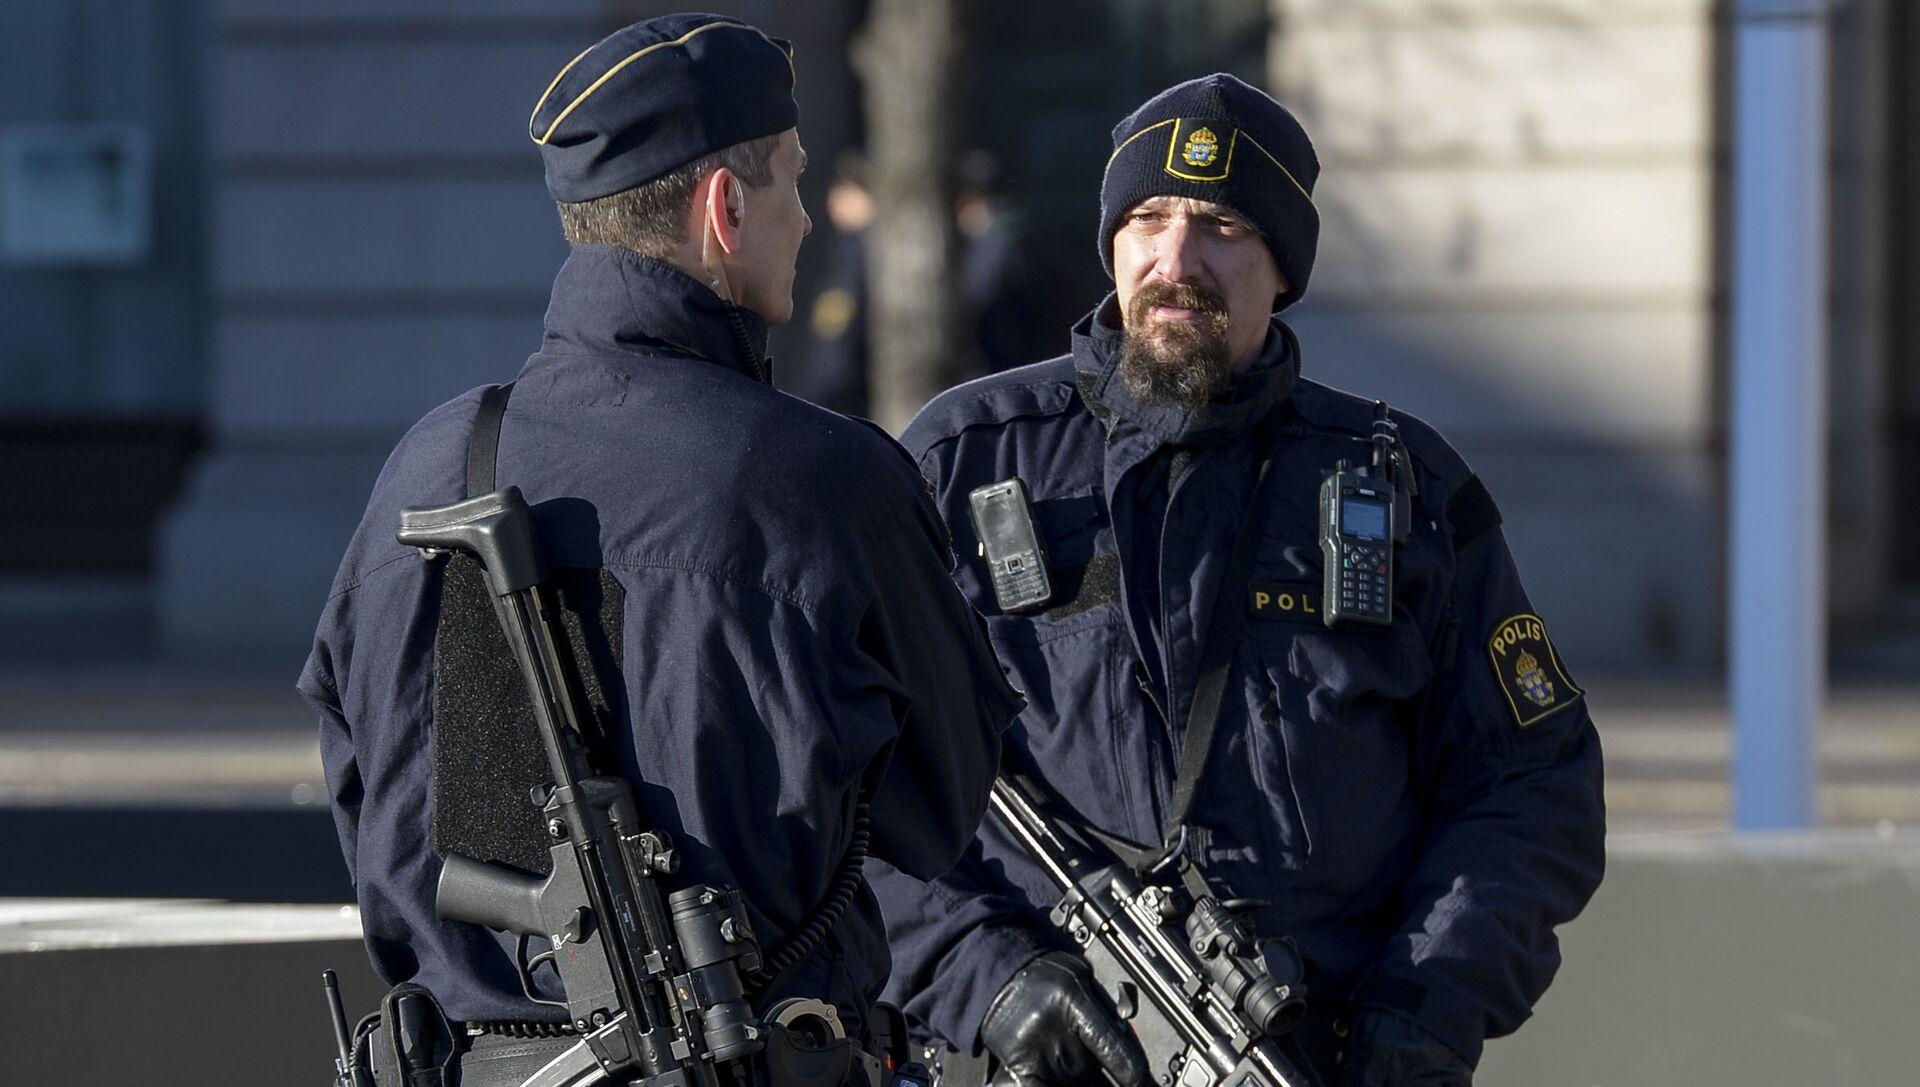 Szwedzka policja w Sztokholmie - Sputnik Polska, 1920, 03.03.2021